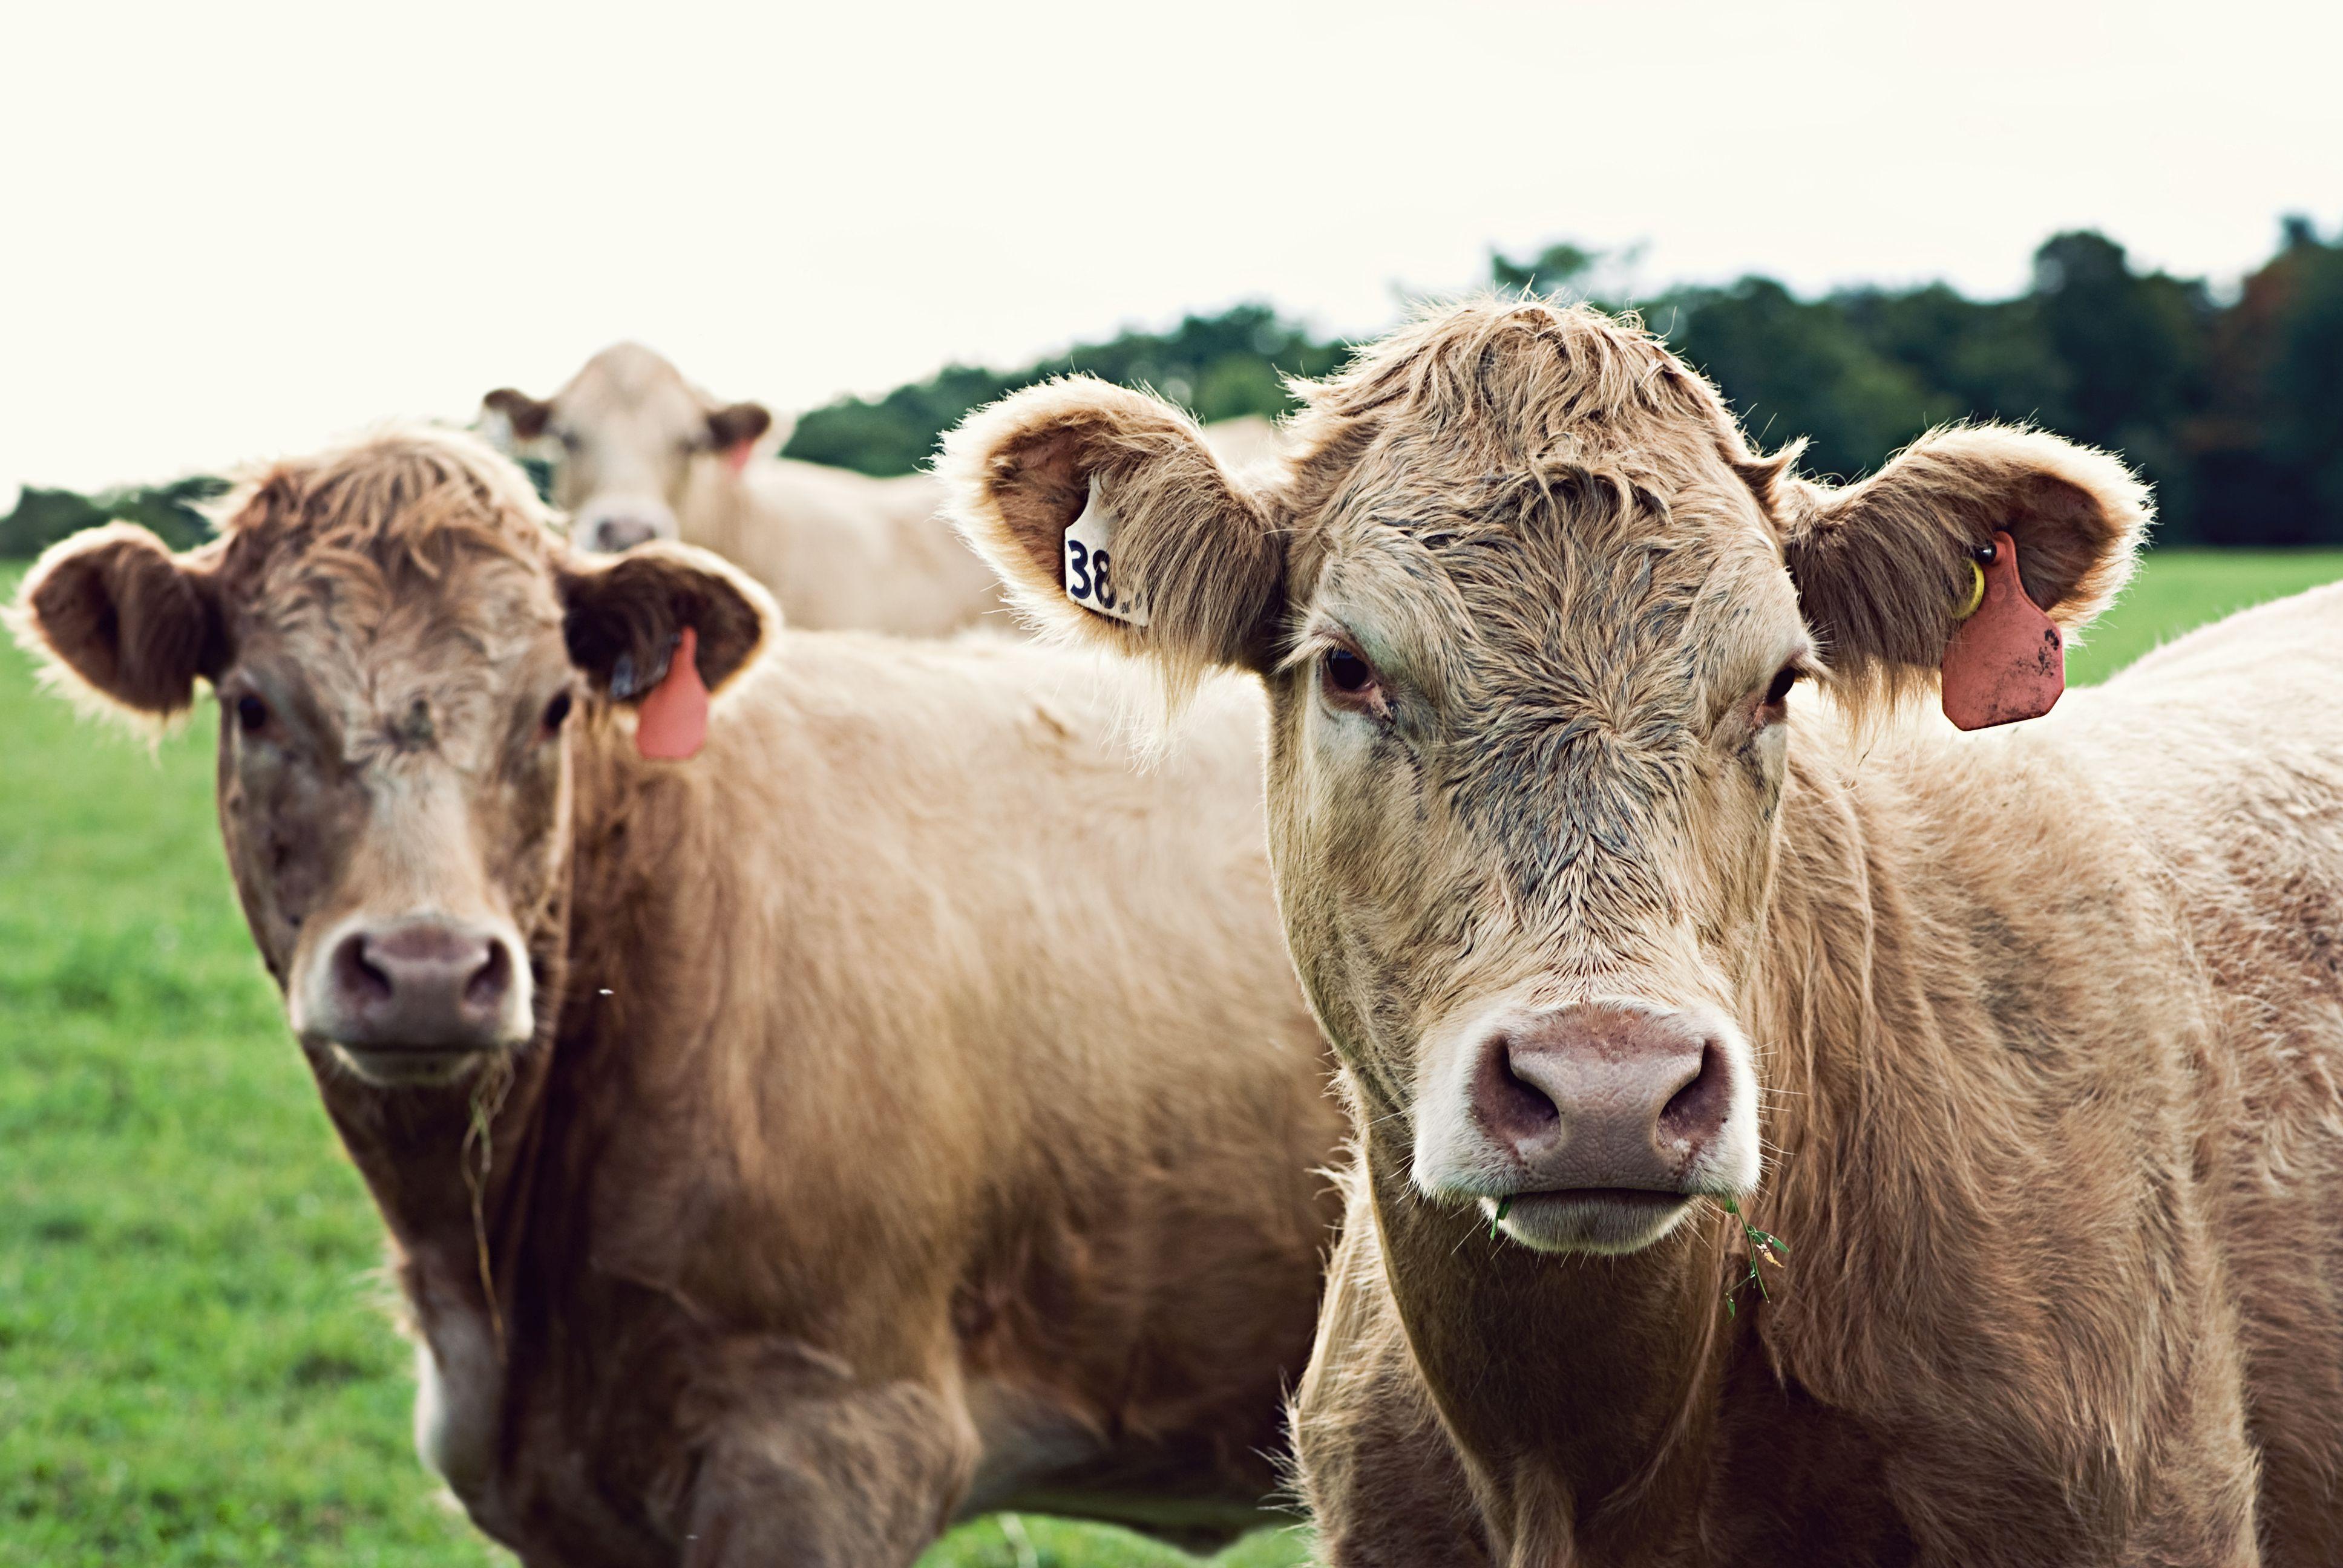 A húsipari termékek árának emelését sürgetik német állatvédők, a Bundestag több pártja is nyitott a javaslatra